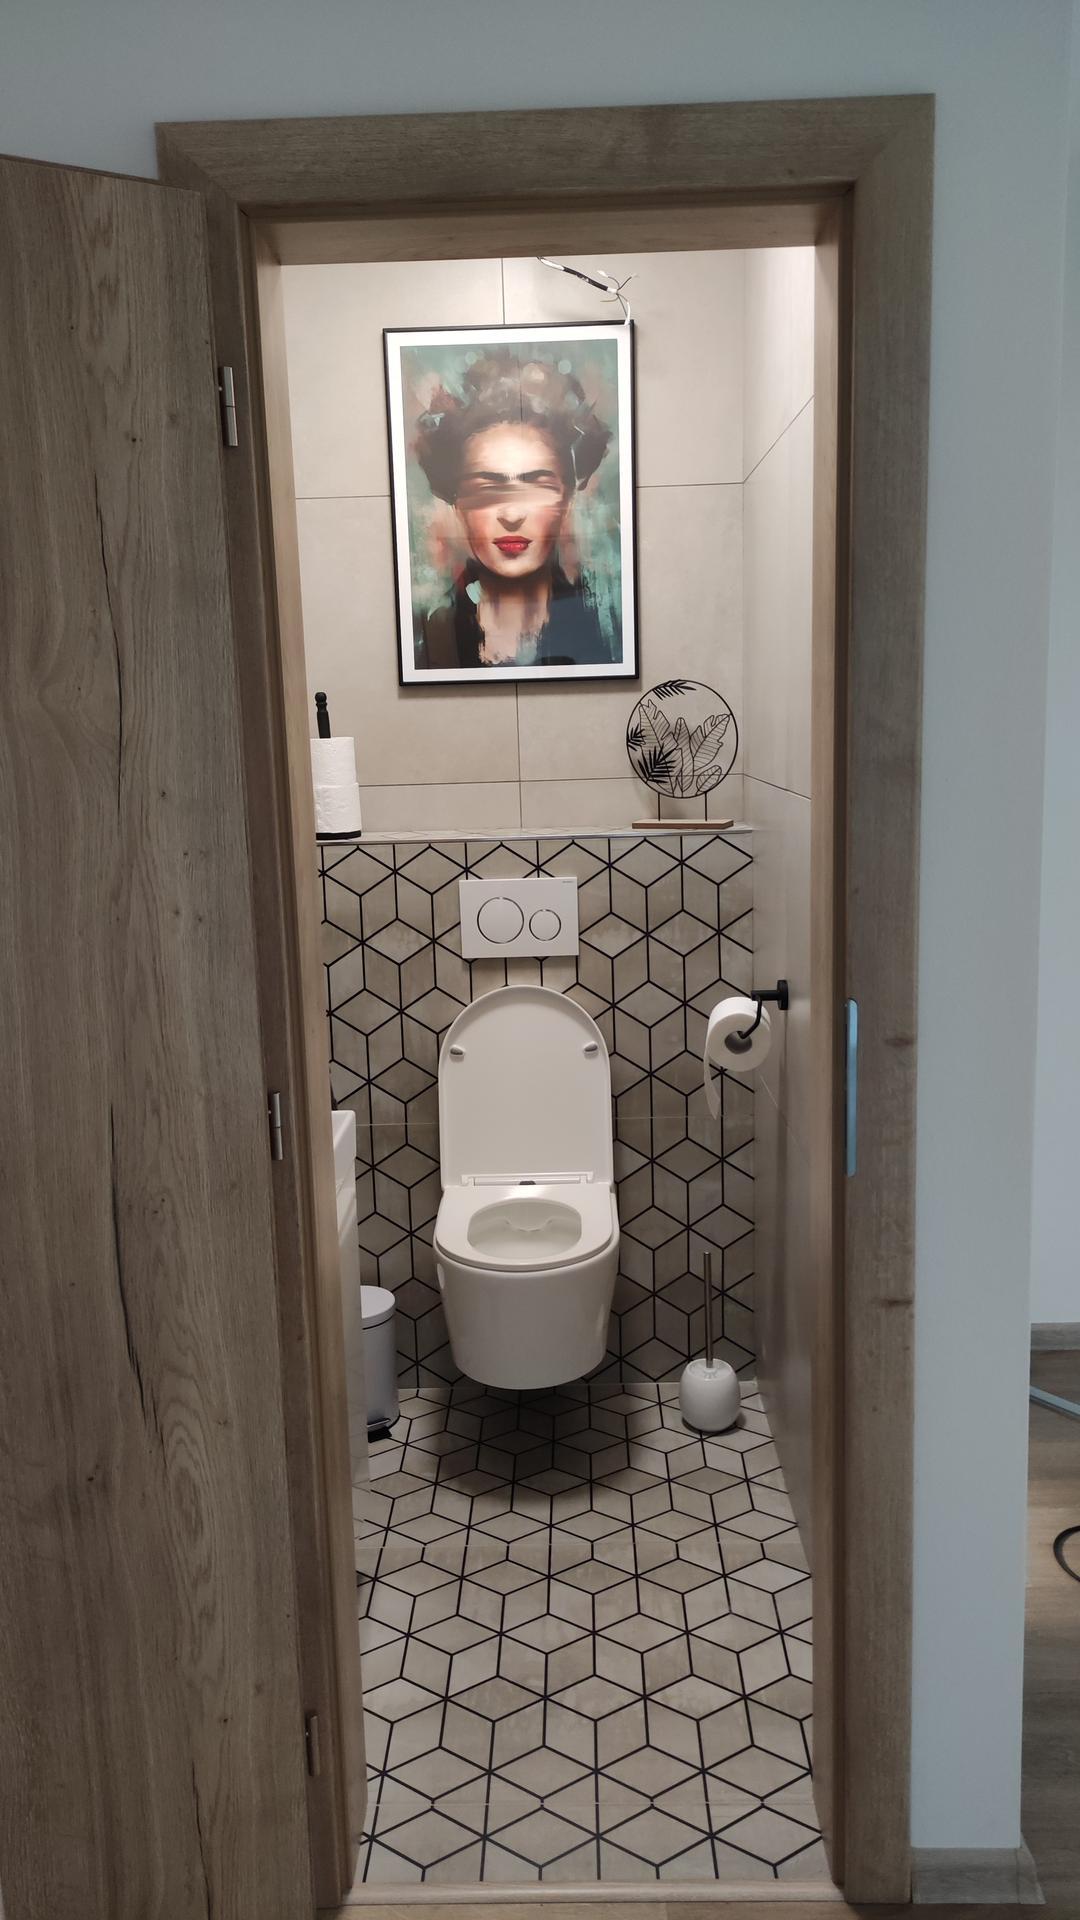 Dom vytvoríš rukami, domov jedine srdcom - Keď som pozerala Pinterest a hľadala inšpirácie na wc a uvidela som na wc obraz bola som rozhodnutá,že aj ja to musím mať😁